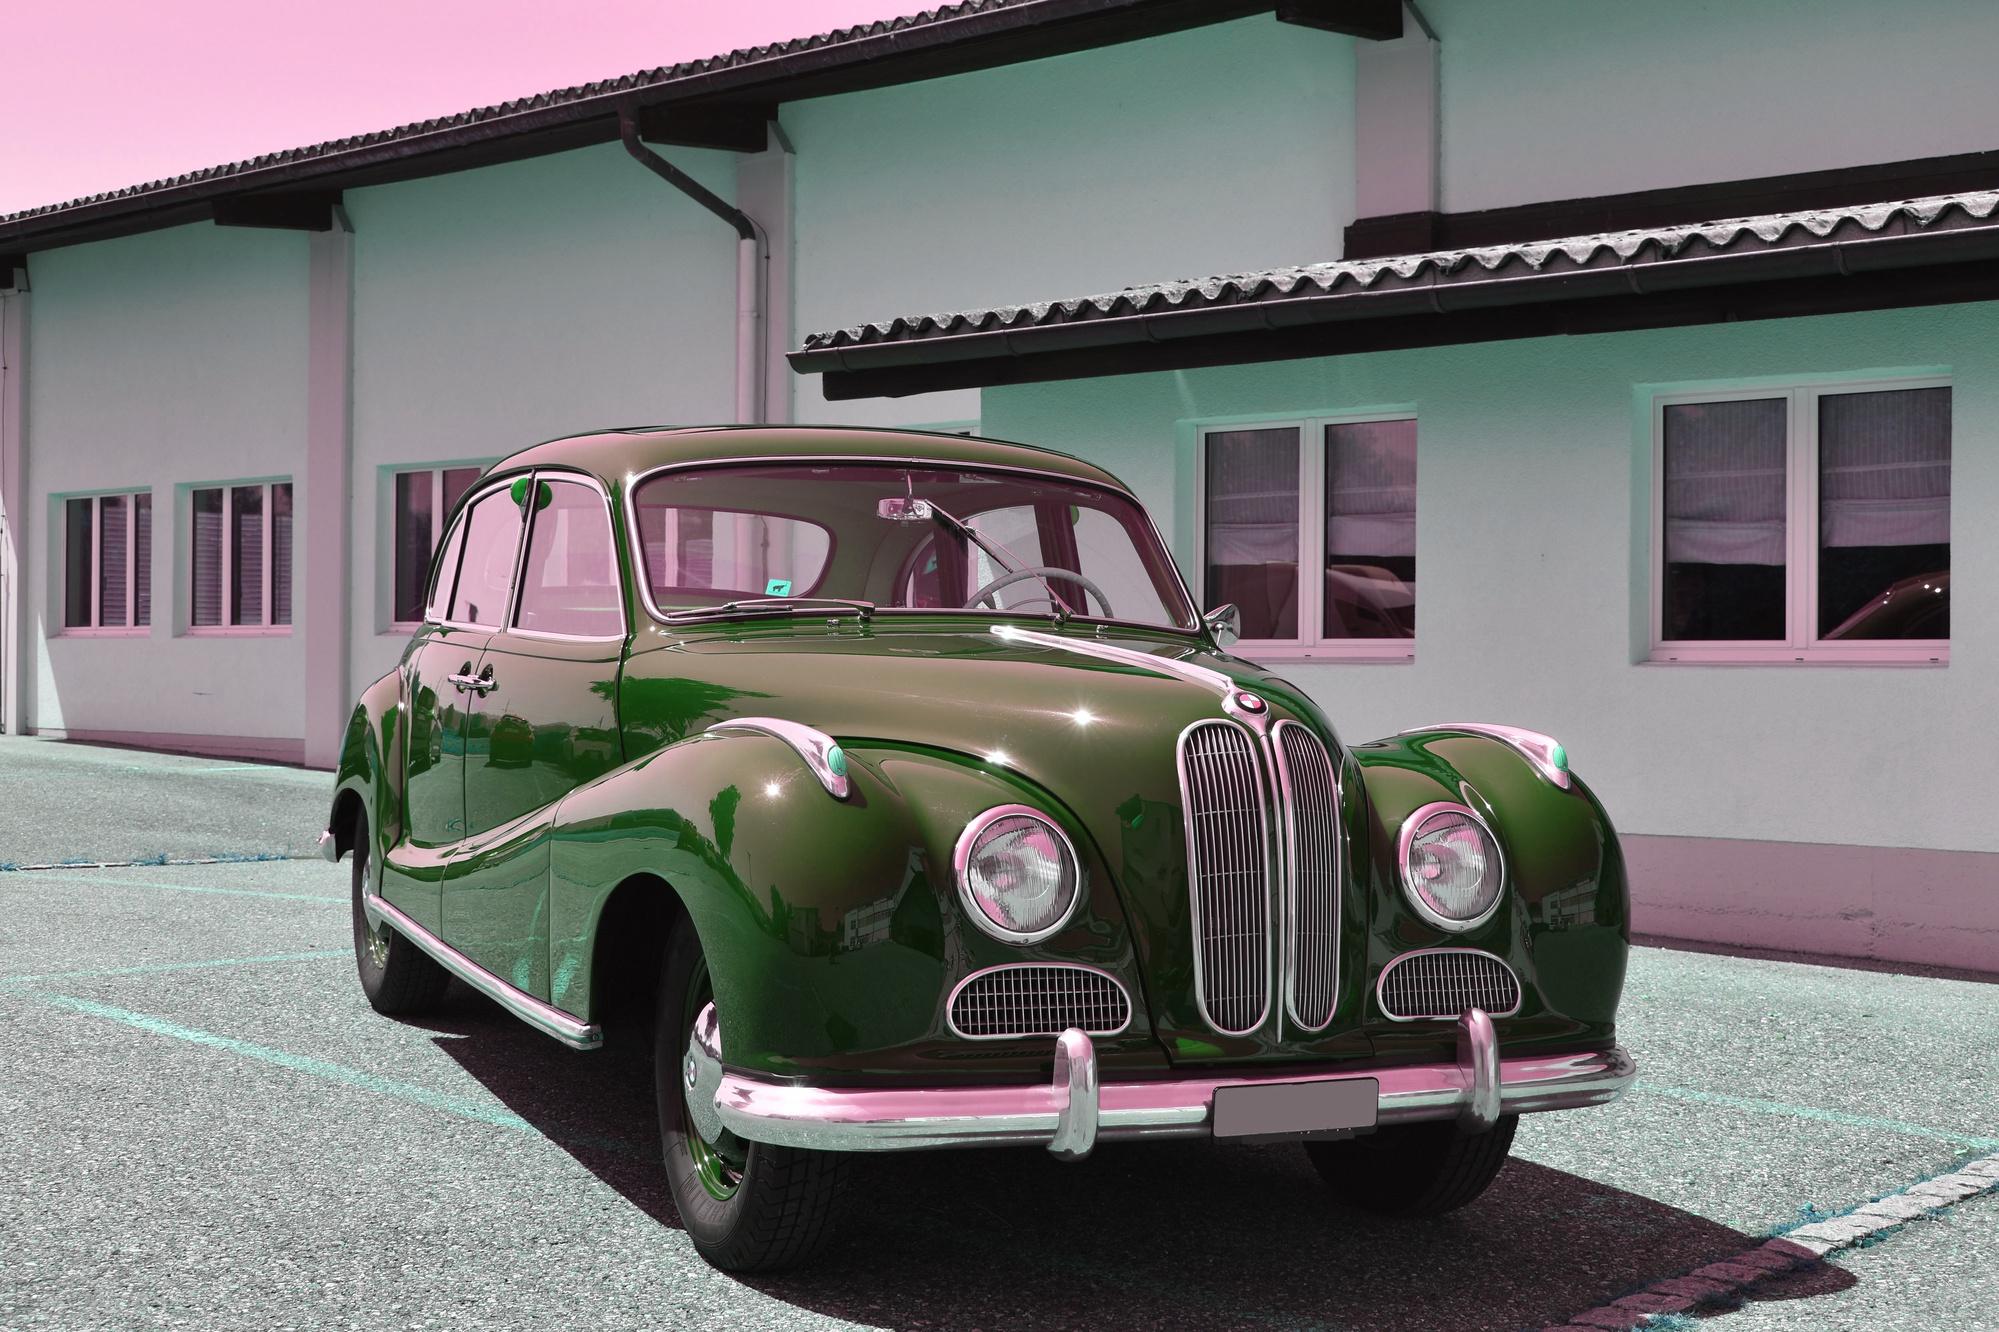 Maron-farbener BMW 501-A mit V6-Motor und rotem Interieur aus dem Jahre 1954 in Frontansicht vor einem Anwesen